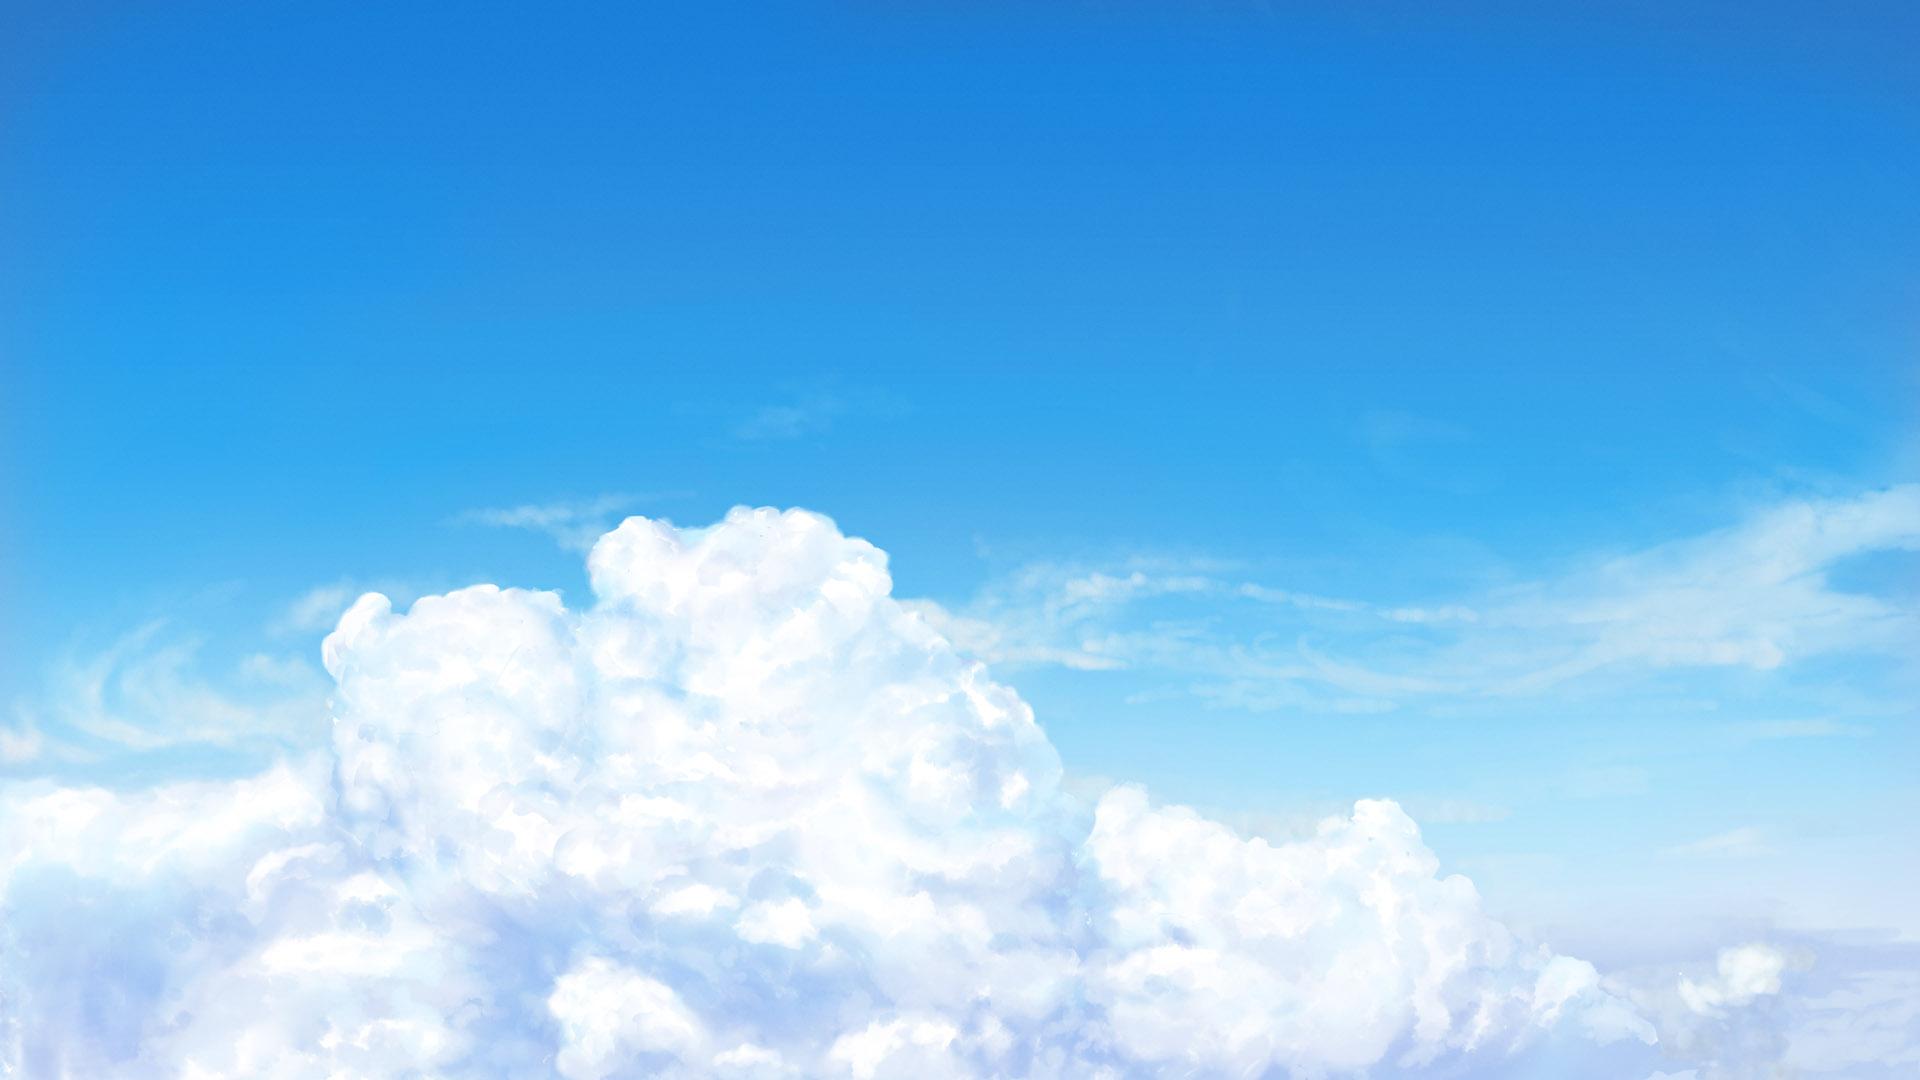 青空と雲1920*1080